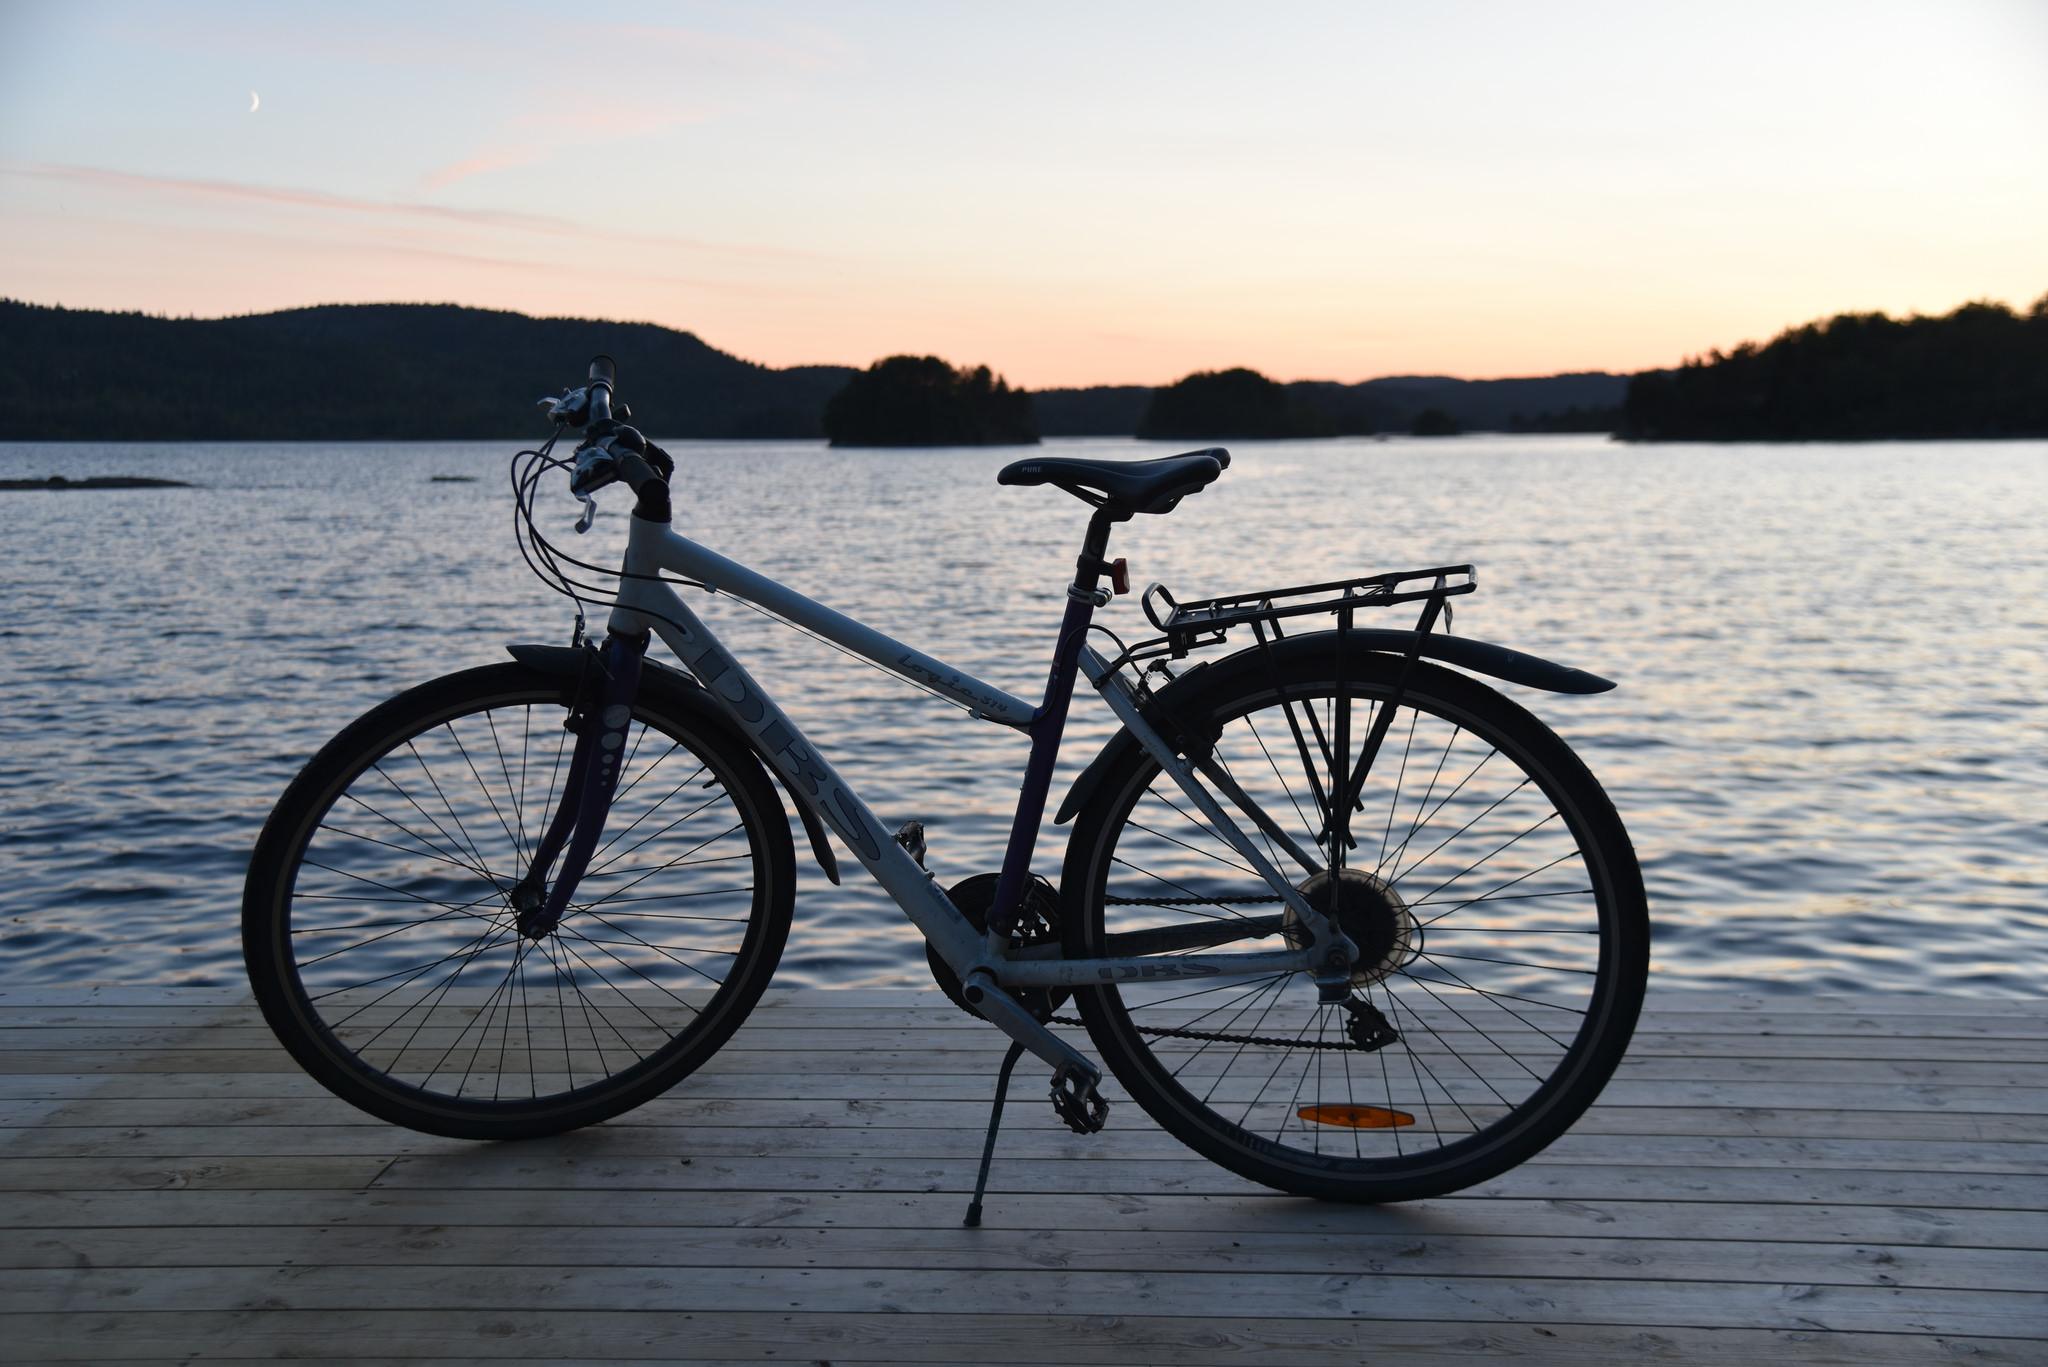 Ta med deg sykkelen på Gautestad og nyt naturen fra sykkelsetet.